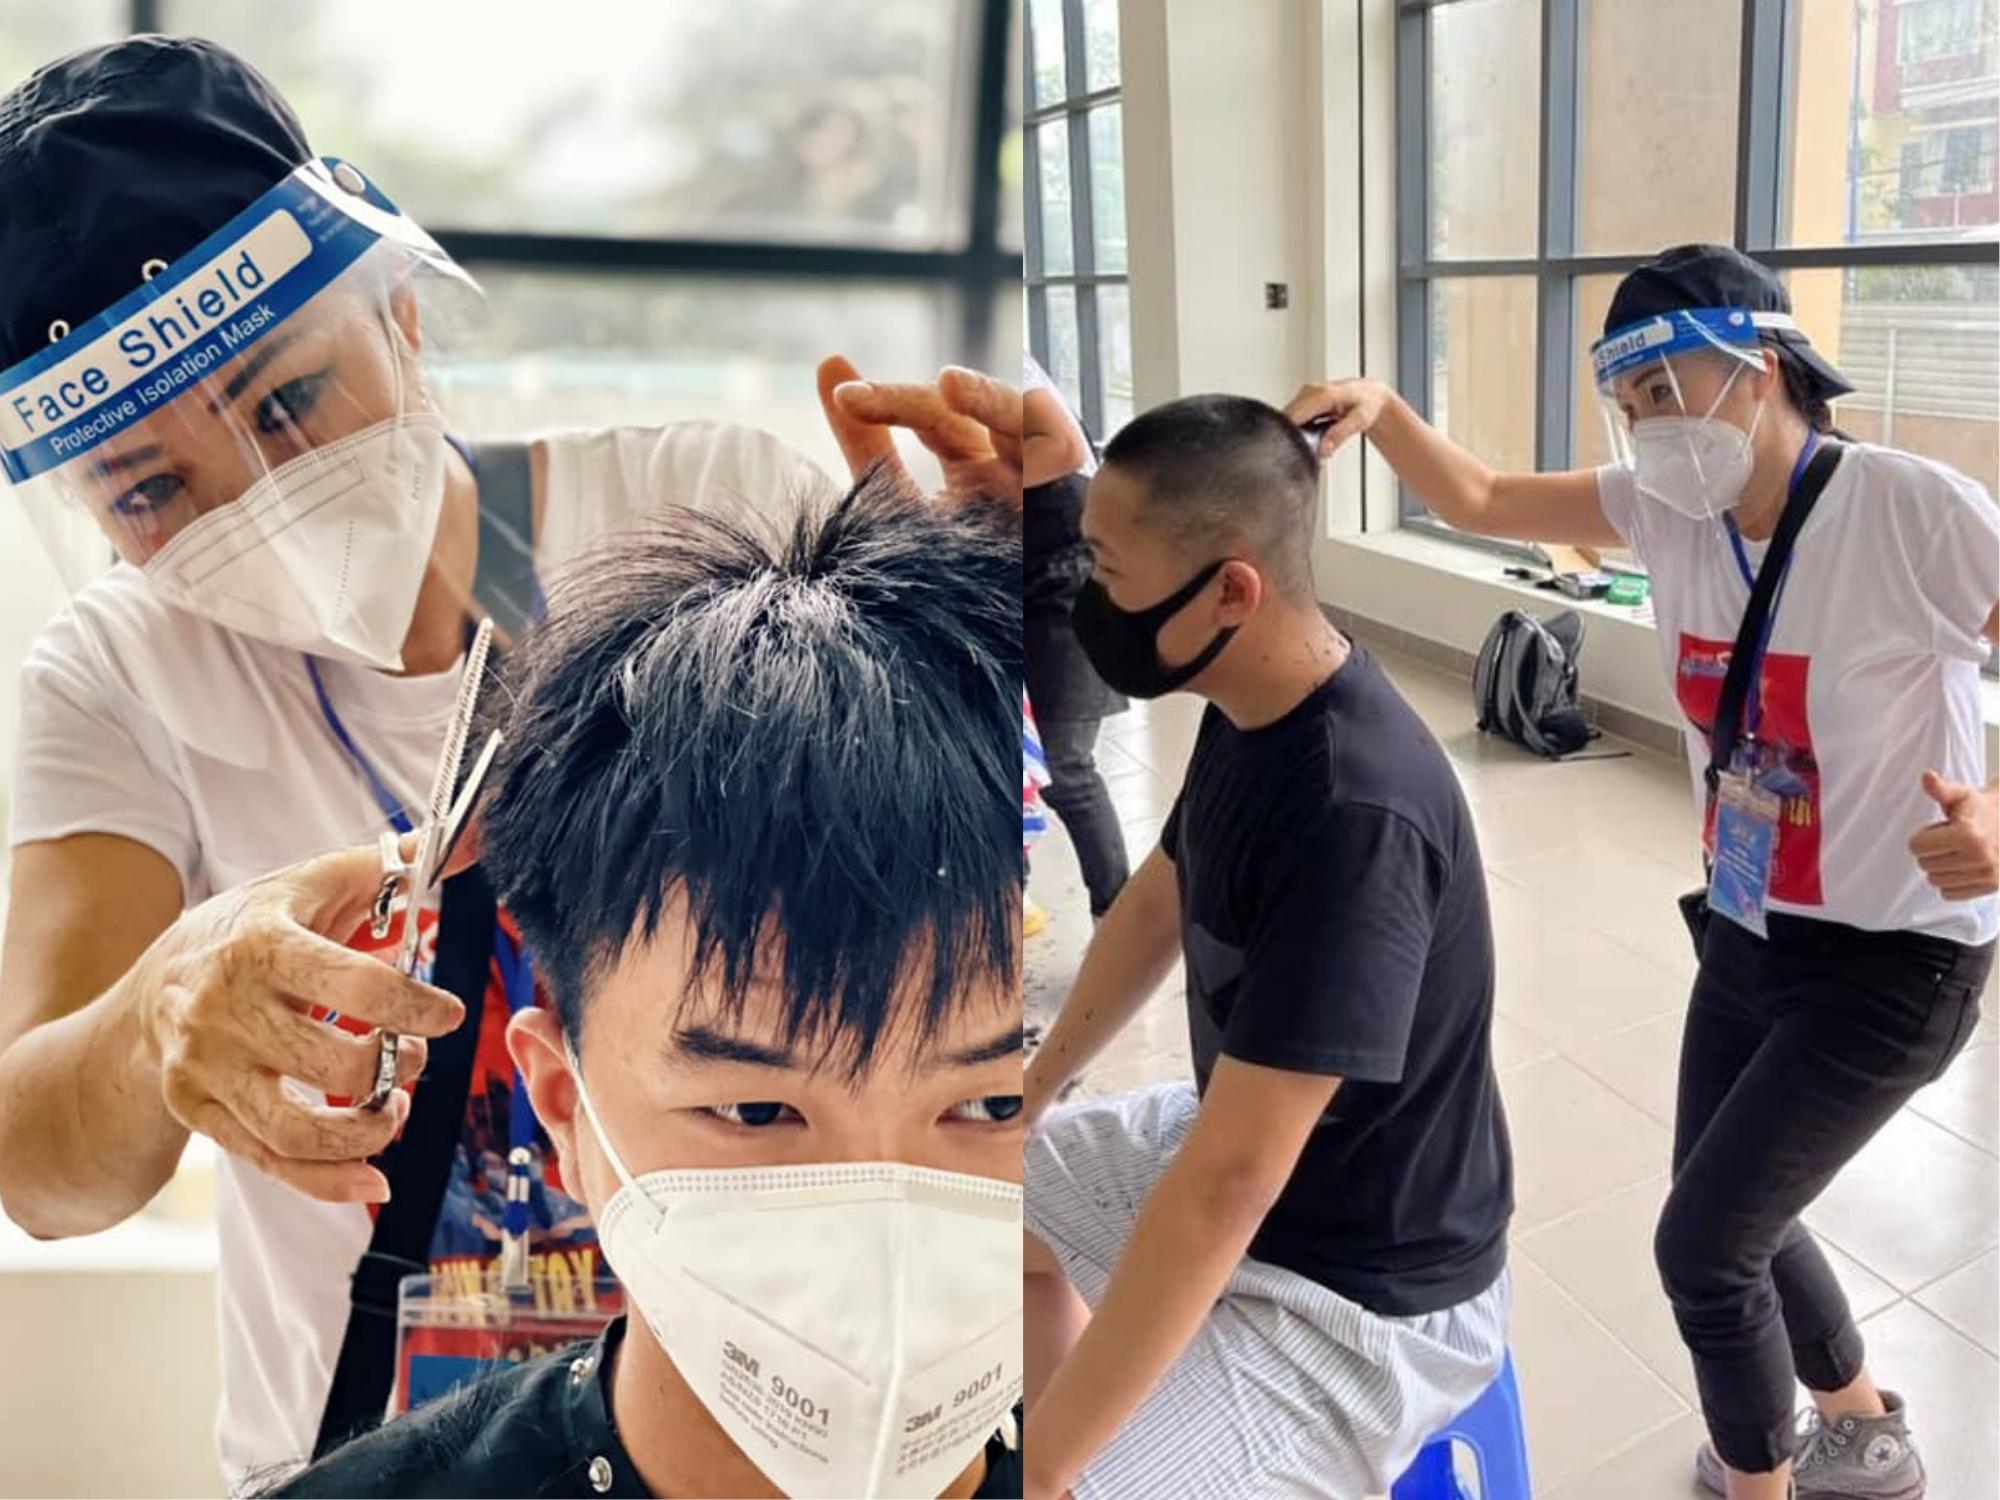 Làm thợ tóc 'bất đắc dĩ' tại khu cách ly, Phương Thanh tự tin khoe thành quả 'không chỗ chê' khi tạo kiểu cho các y, bác sĩ